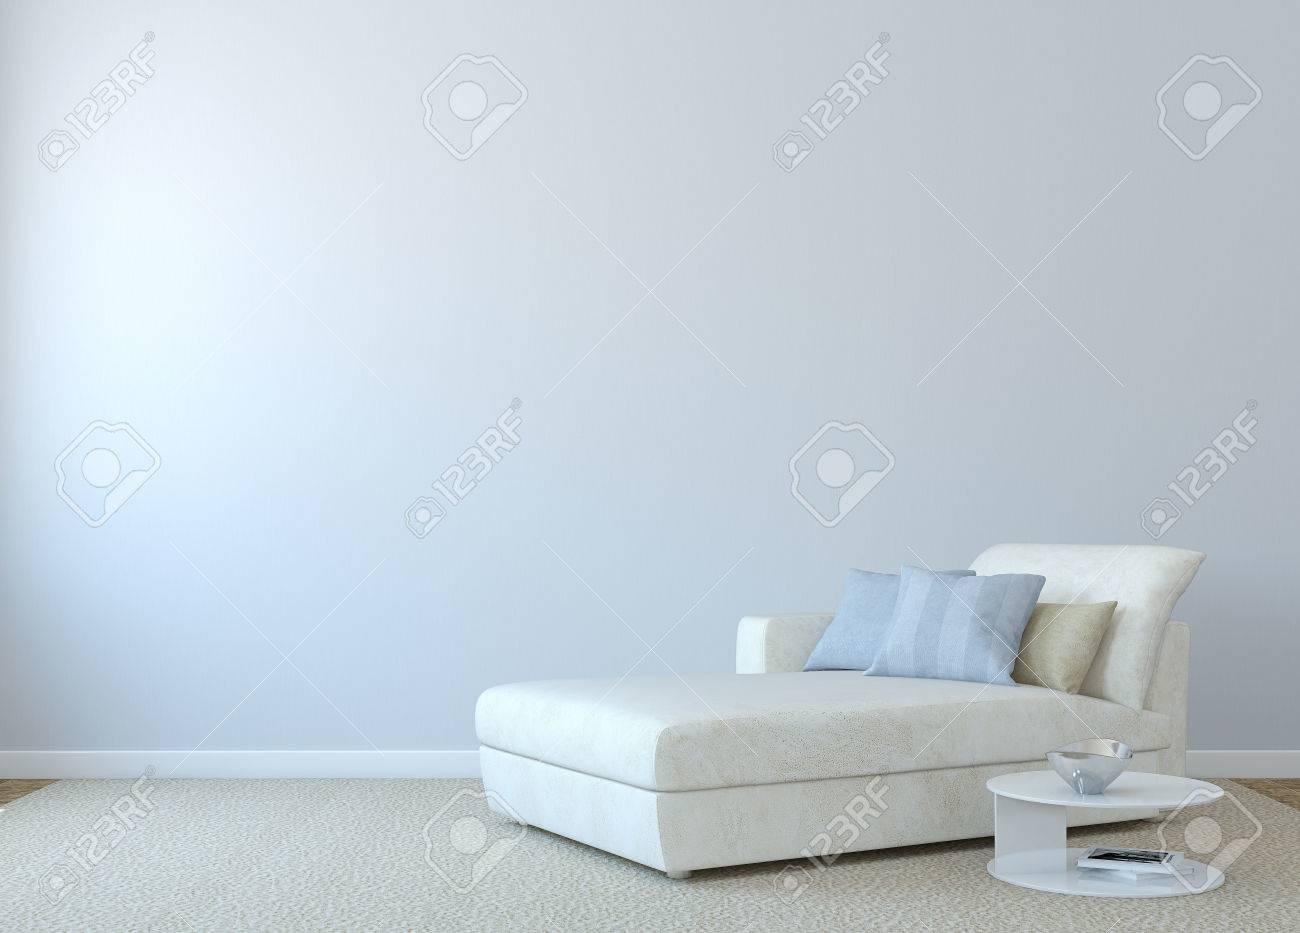 Beautiful Moderne Wohnzimmer Interieur Mit Weißen Couch In Der Nähe Von Leeren Blauen  Wand. 3D